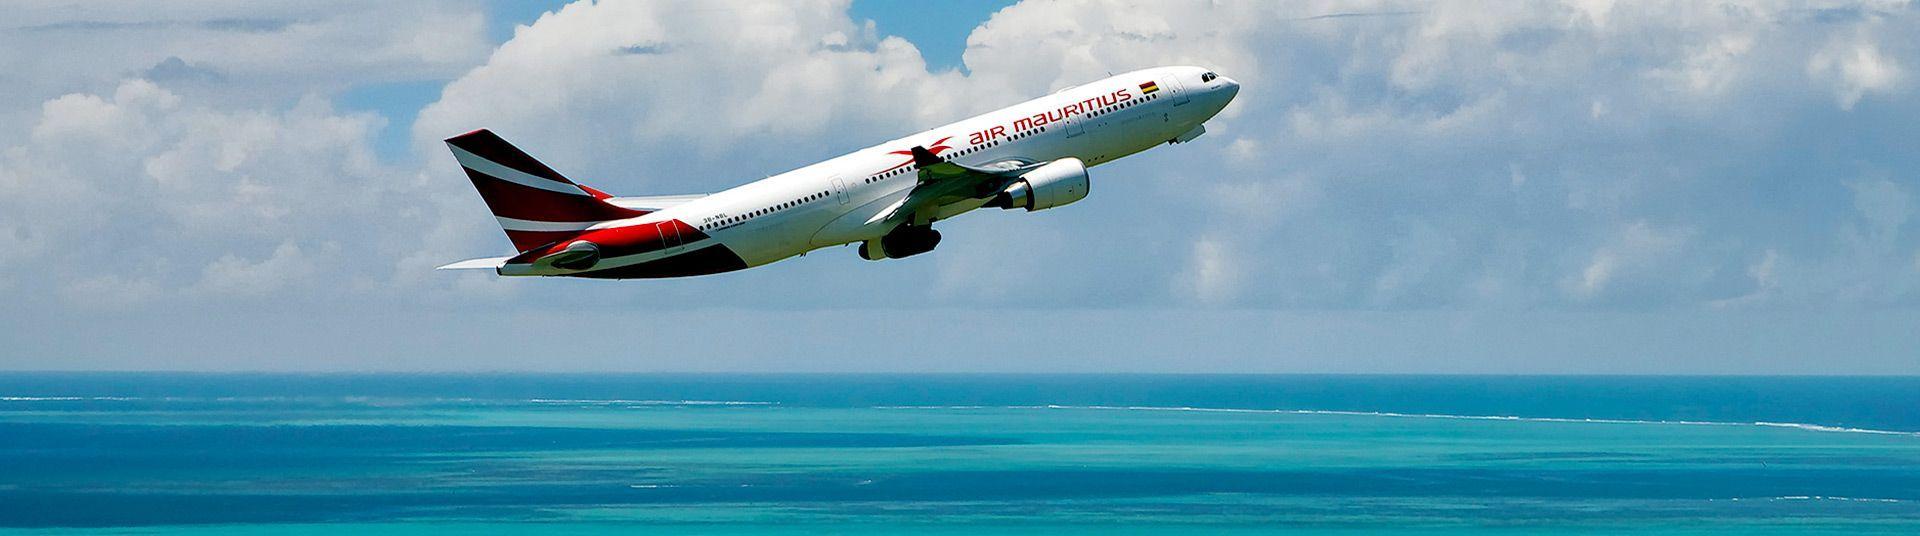 Air mauritius mk r servez un vol air mauritius au for Air madagascar vol interieur horaire